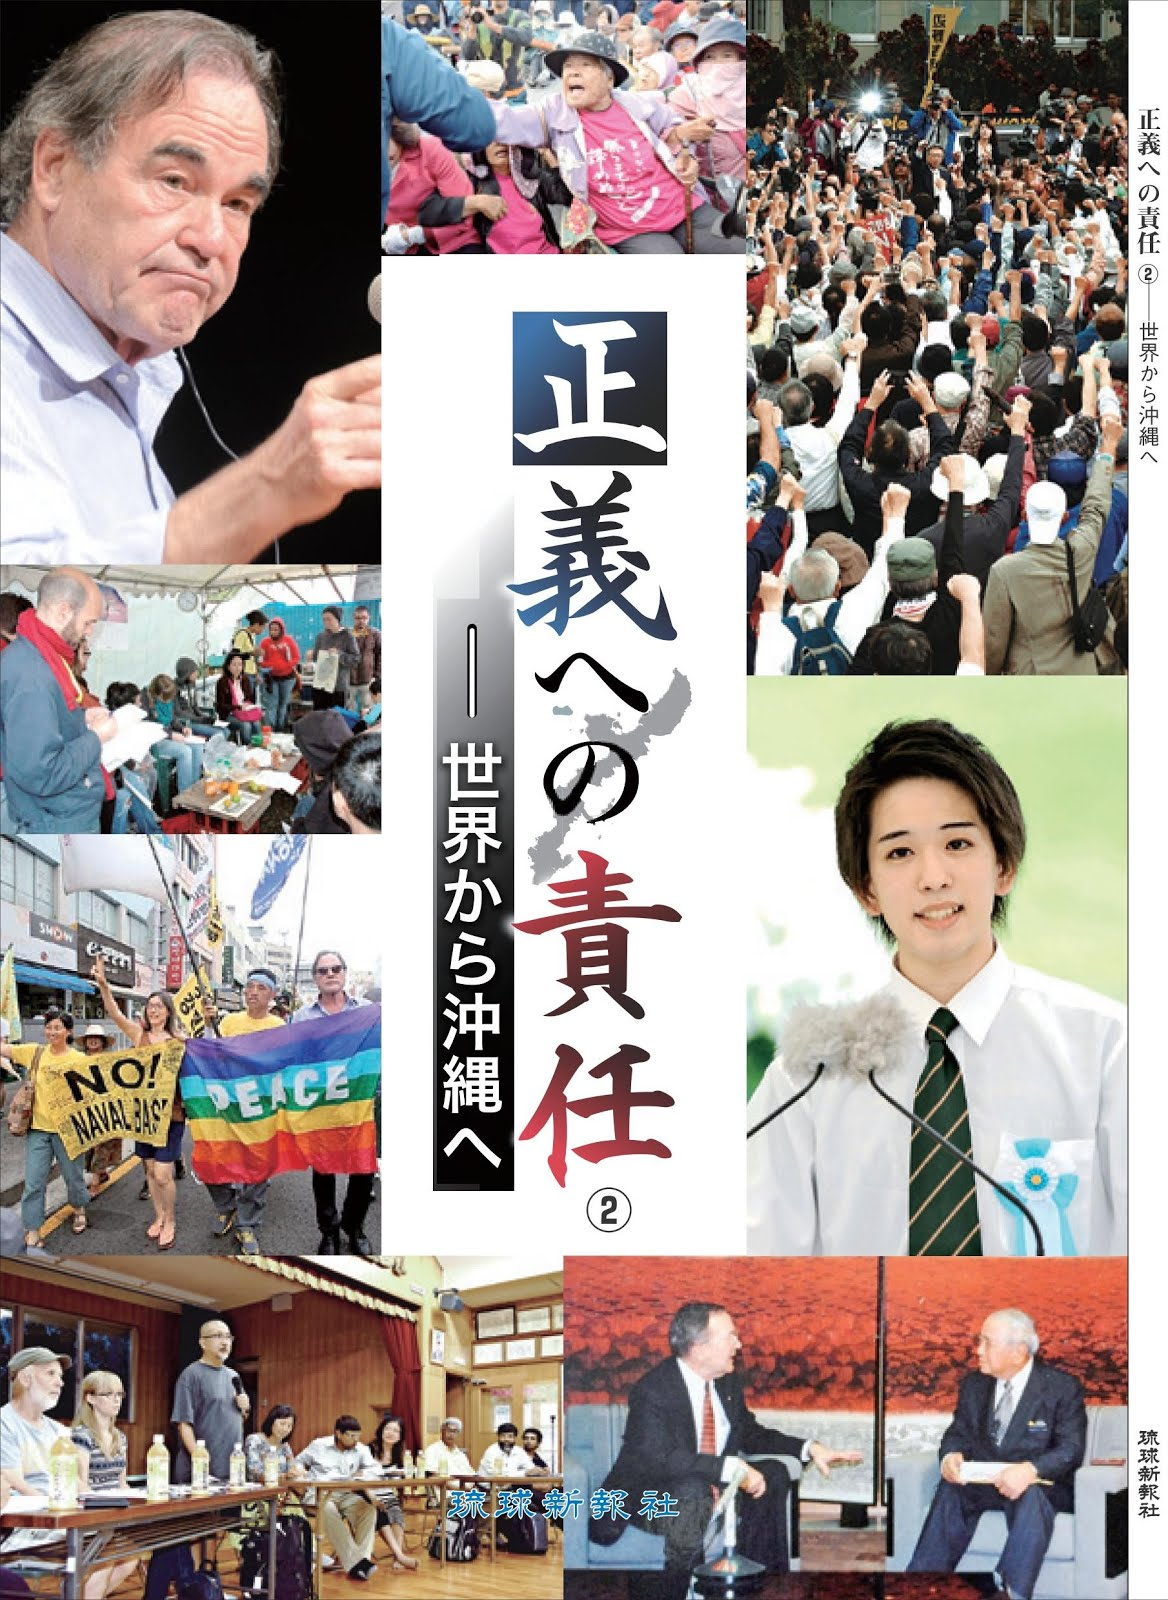 【2016年6月新刊】琉球新報『正義への責任―世界から沖縄へ②』 Responsibility for Justice - from the World to Okinawa Vol.2